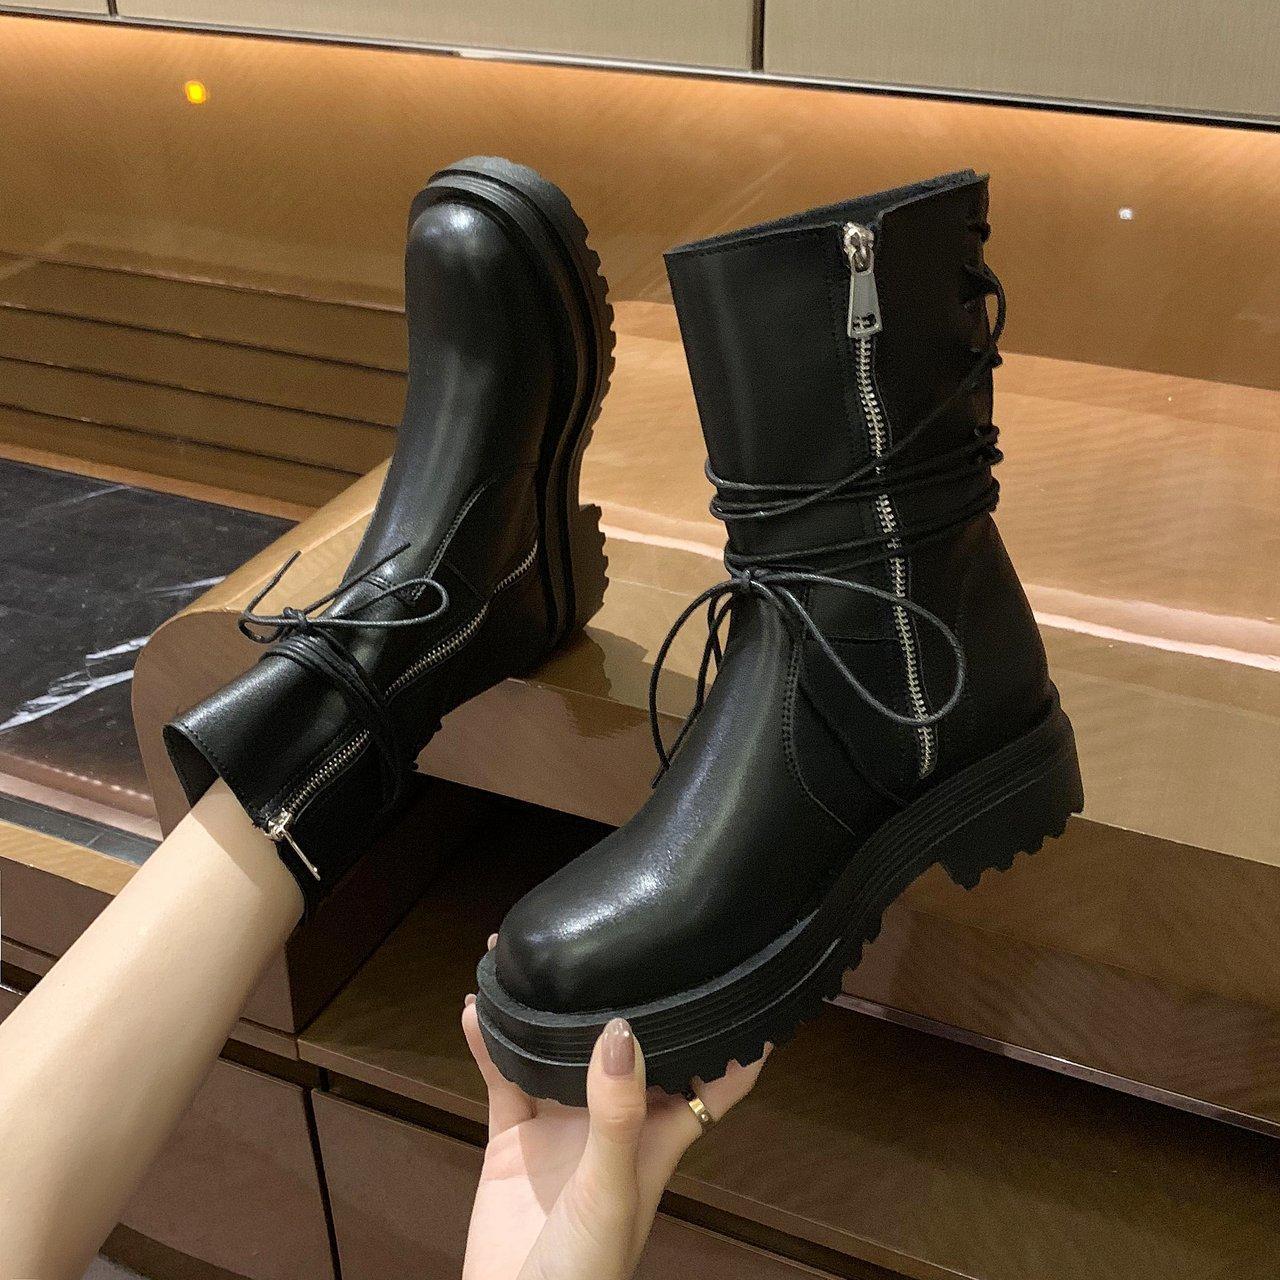 Cargadores de las mujeres 2020 otoño e invierno Nueva Plataforma Martin botas retro plana motocicleta botas de estilo británico con cordones para mujer Short Tide